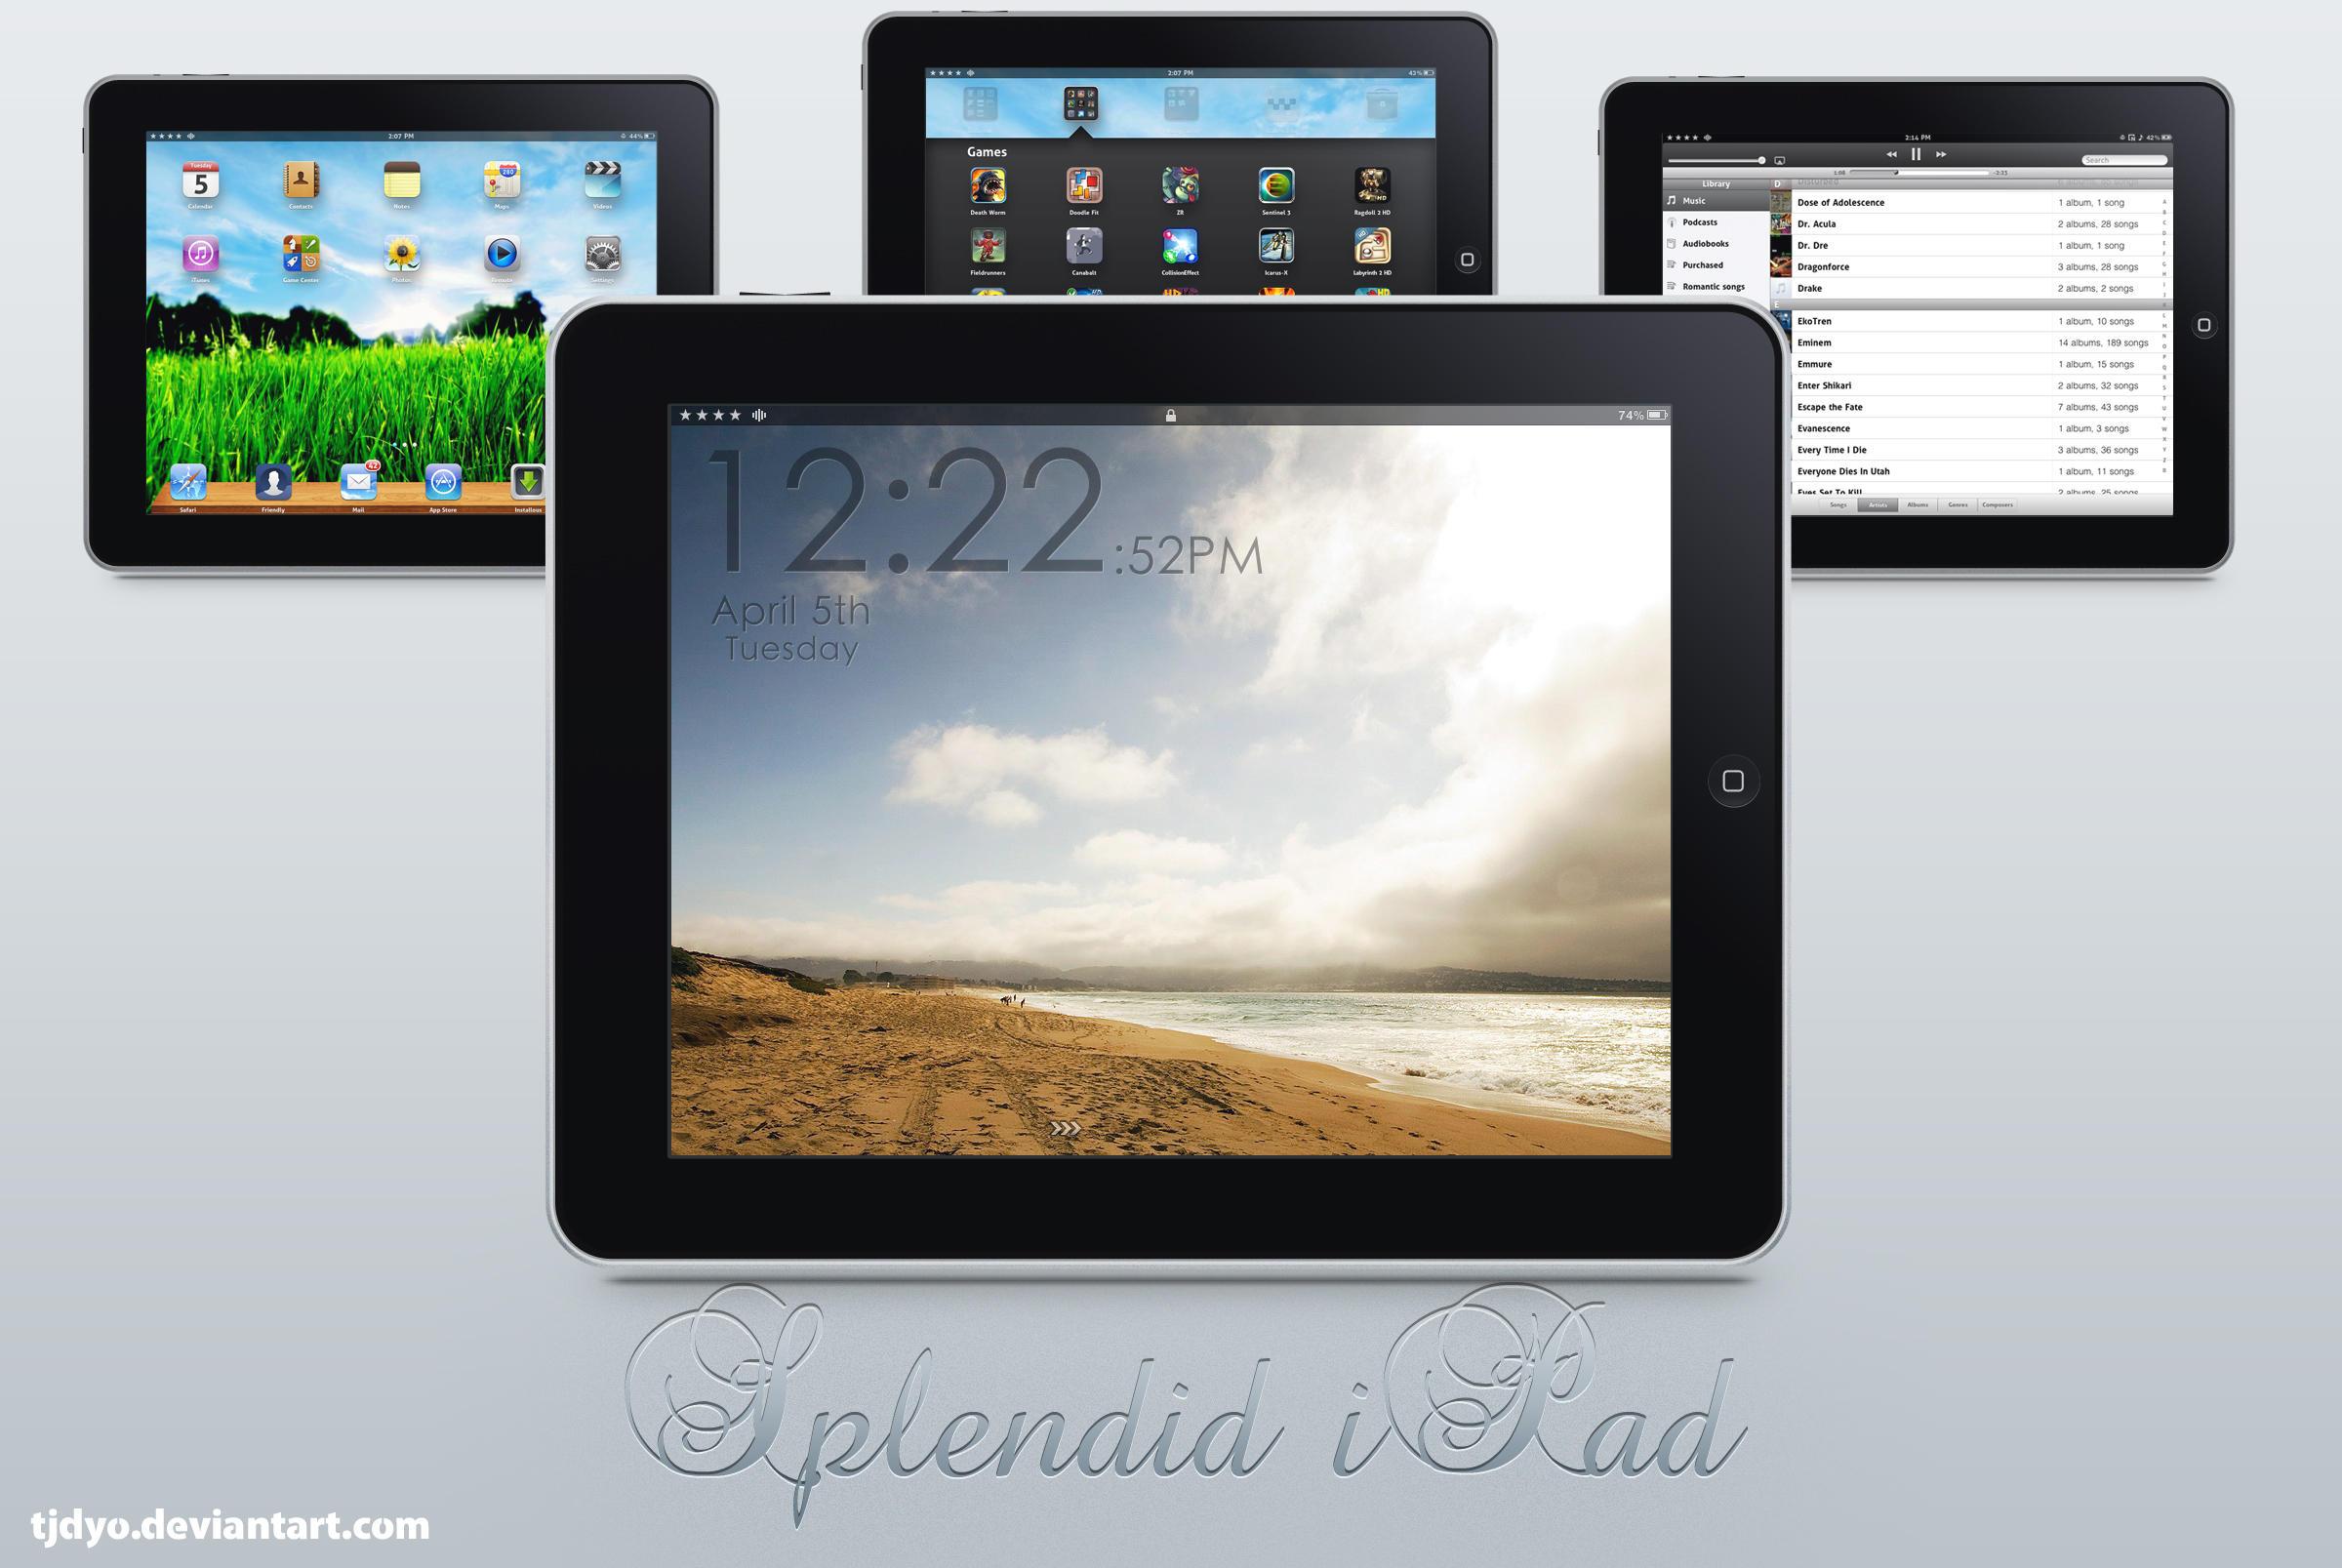 Splendid iPad by Tjdyo